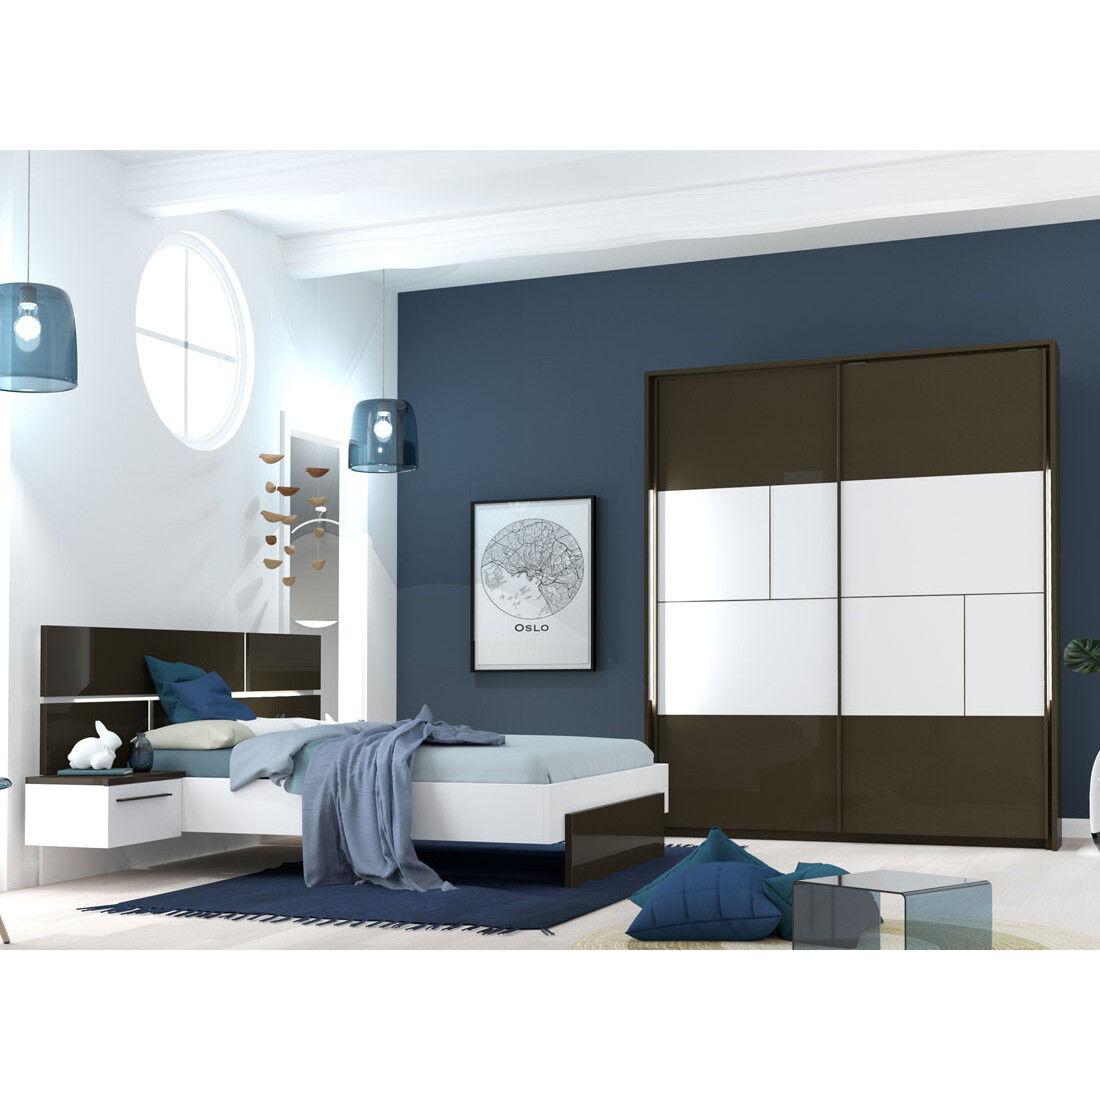 Tousmesmeubles Chambre Adulte Complète Gris/Blanc (140*190) - FLORINE n°1 - L 244 x l 198 x H 40/102